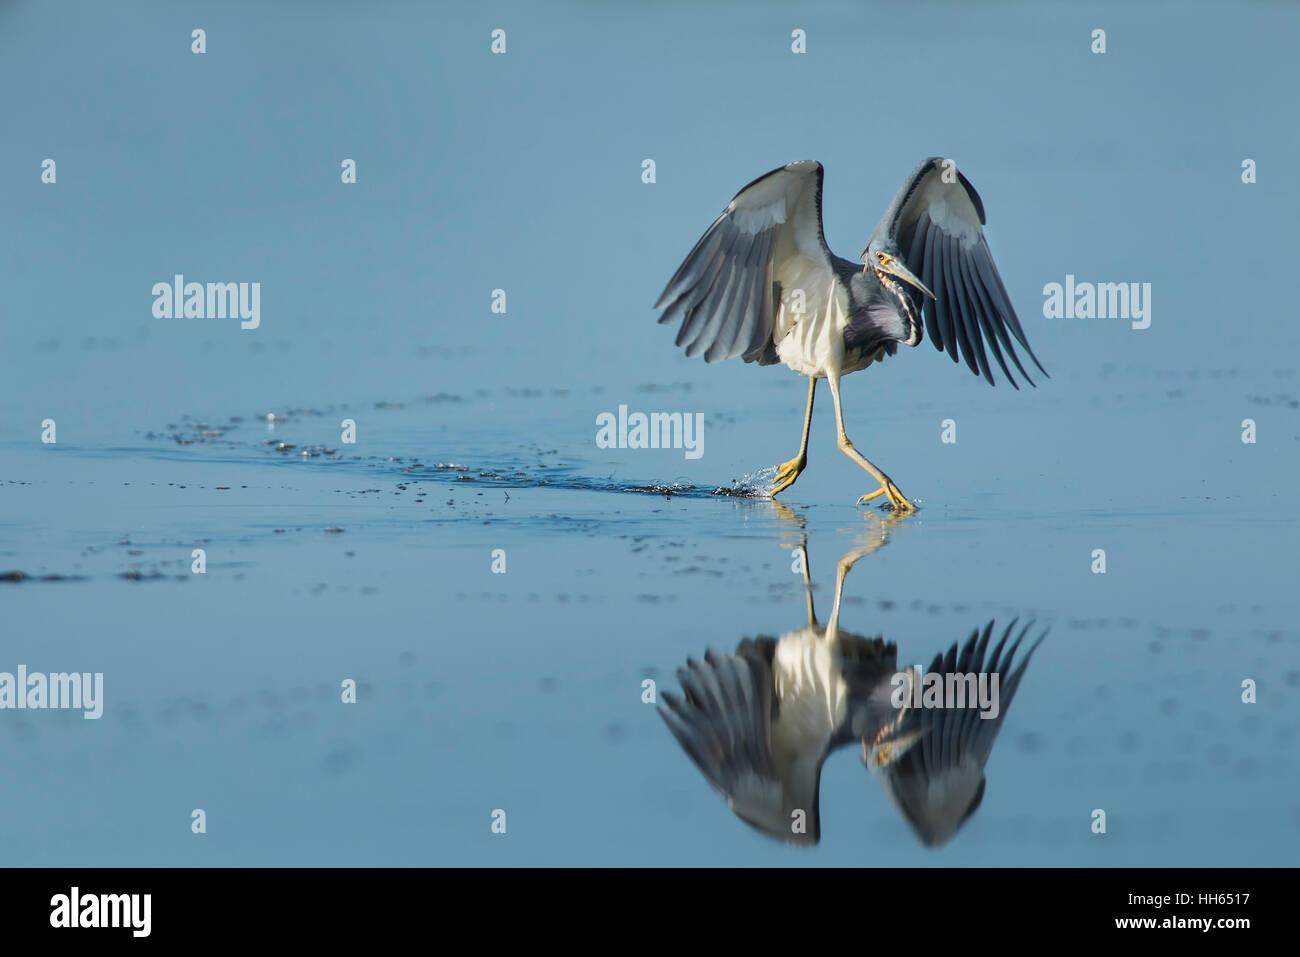 Eine dreifarbige Heron erscheint auf der Oberfläche des ruhigen Wassers mit einer Reflexion ausgeführt Stockbild